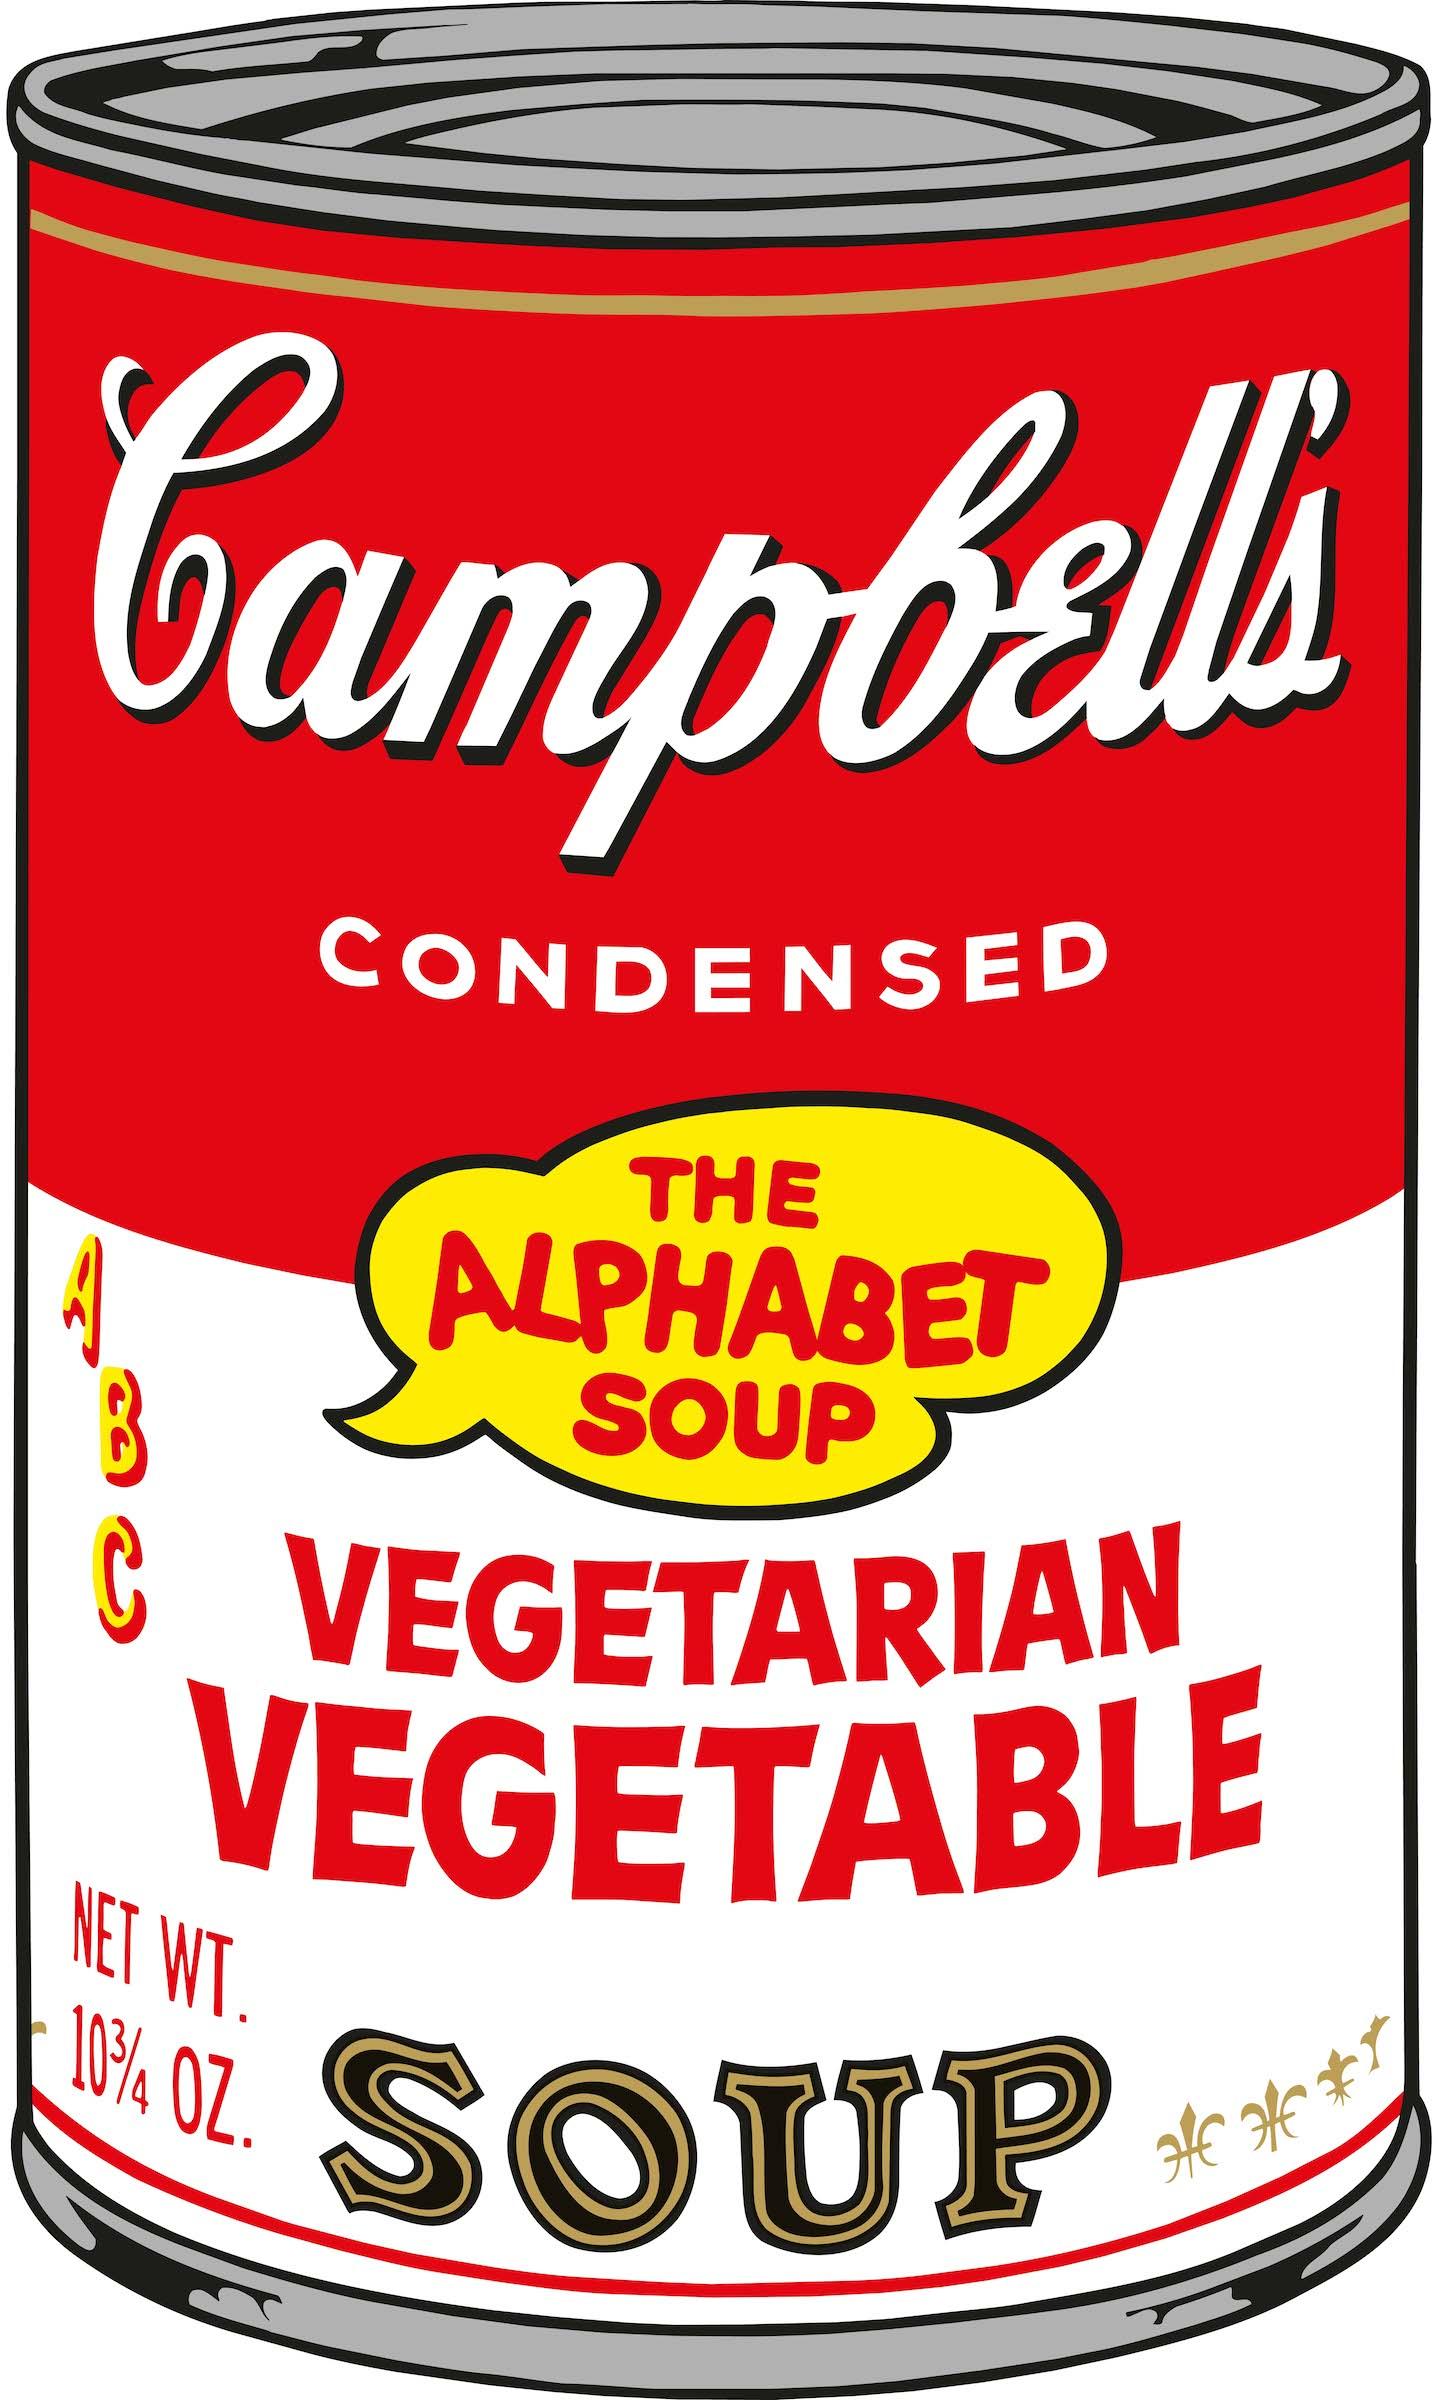 Vegetarian Vegetable